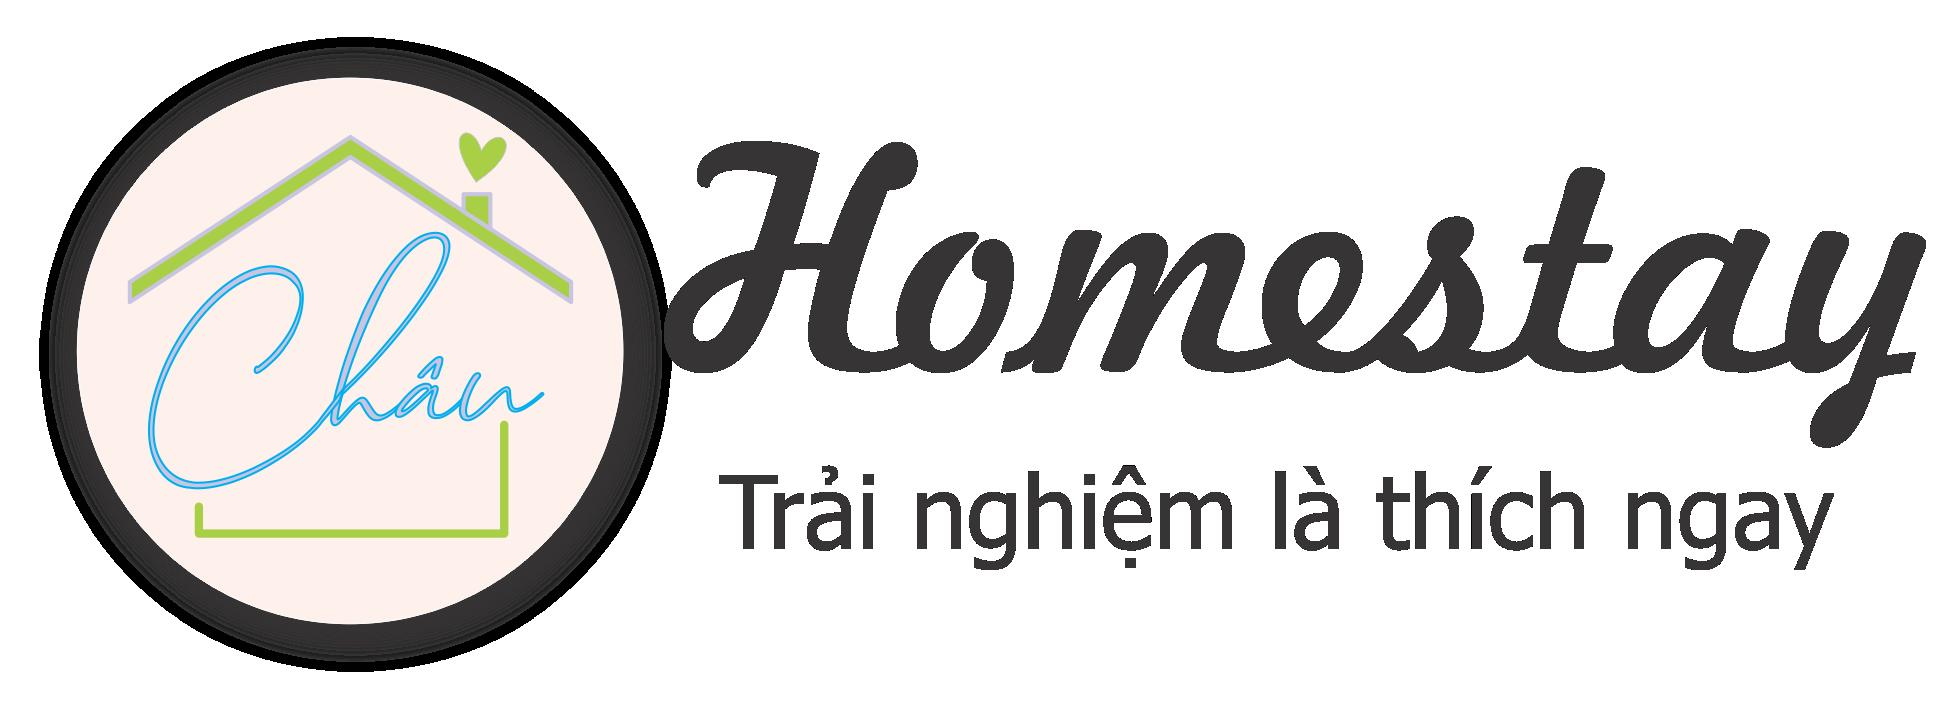 Châu Homestay